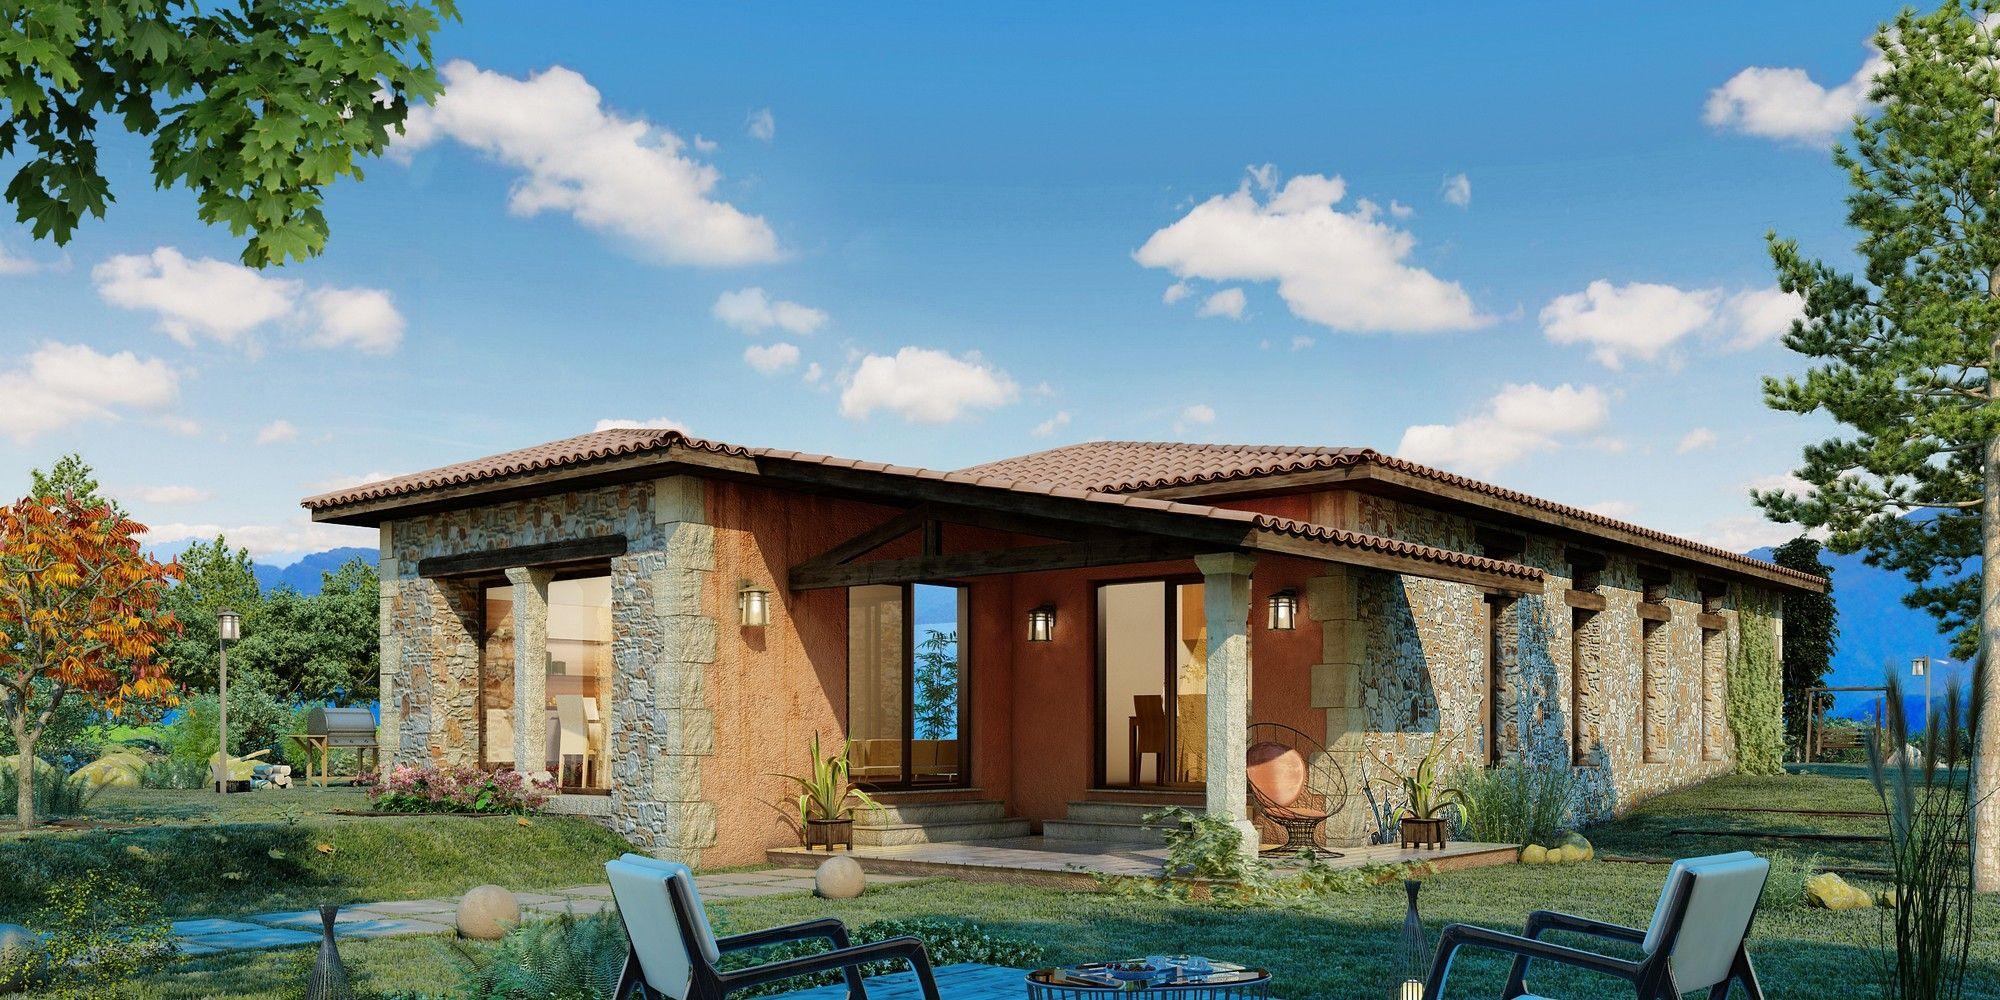 Plano de casa de 3 dormitorios con dise o rustico casa - Diseno casas rusticas ...